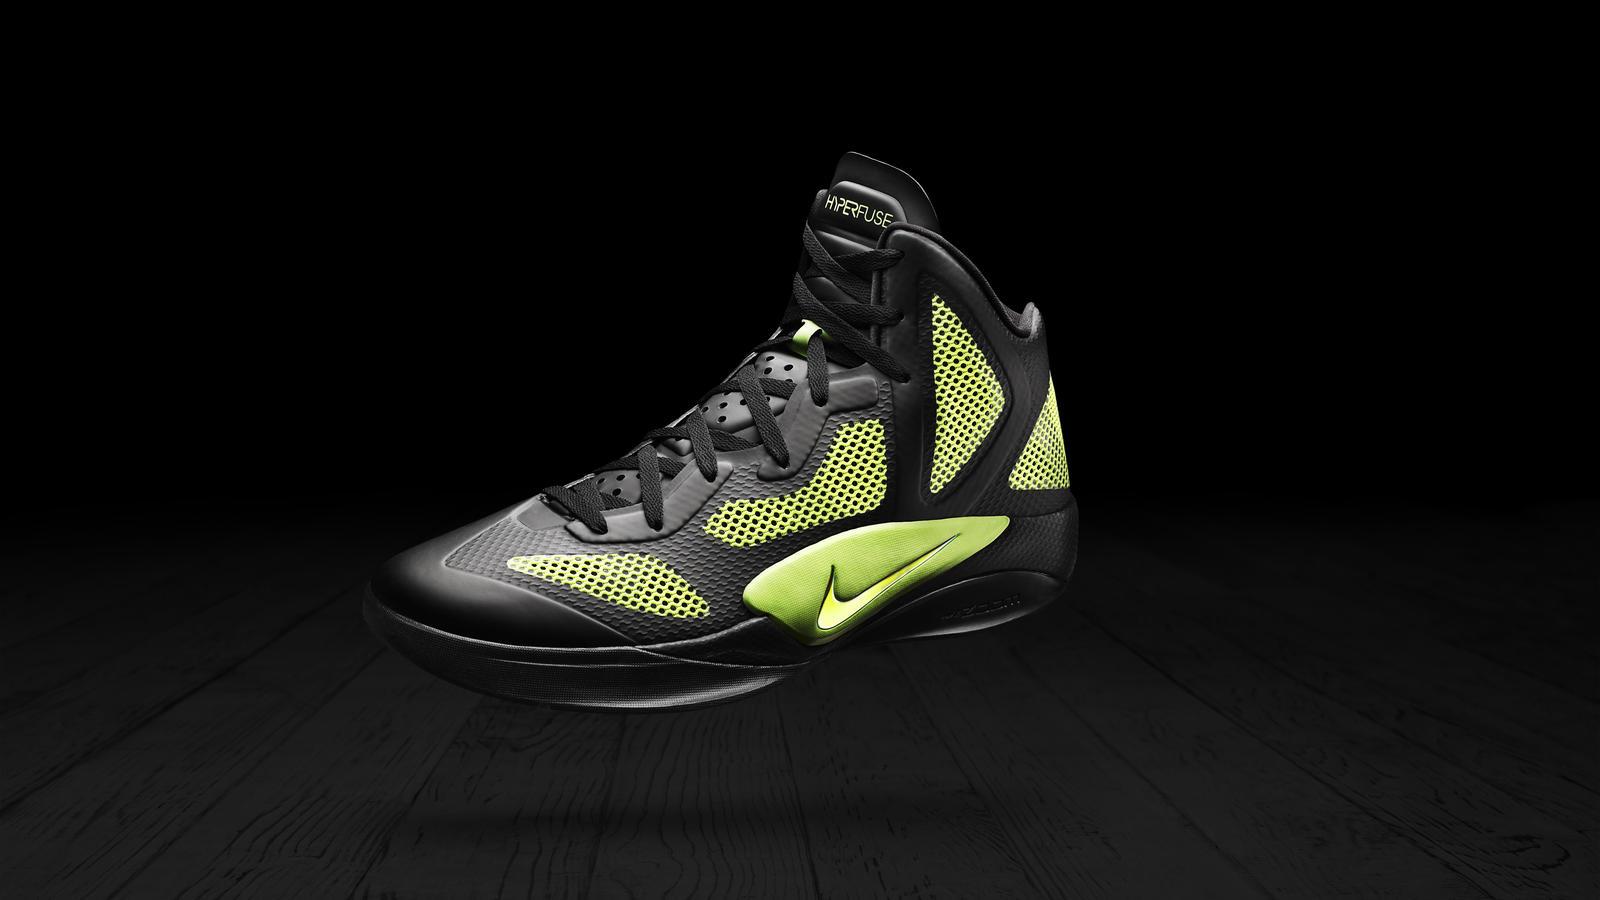 Nike Zoom Hyperdunk 2011 Low